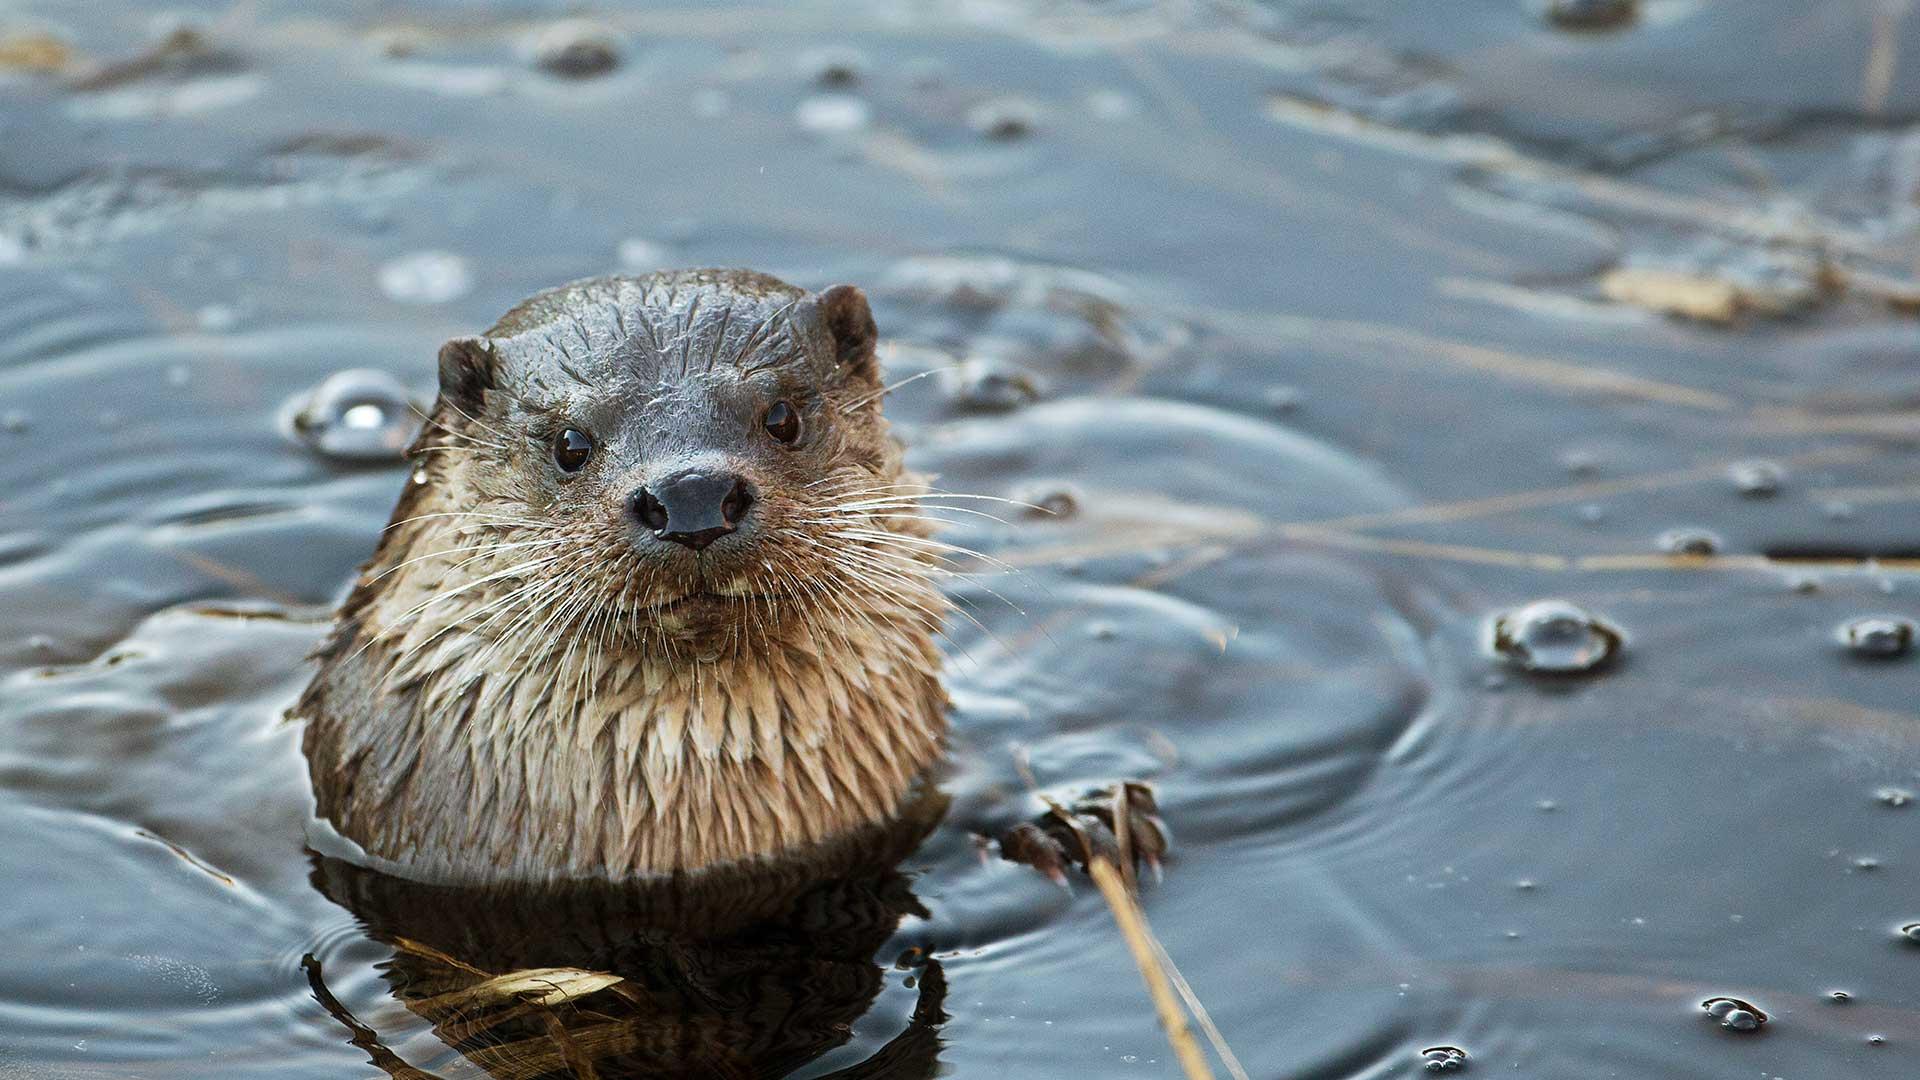 Utter i naturumsjön. Foto: Patrik Olofsson/N